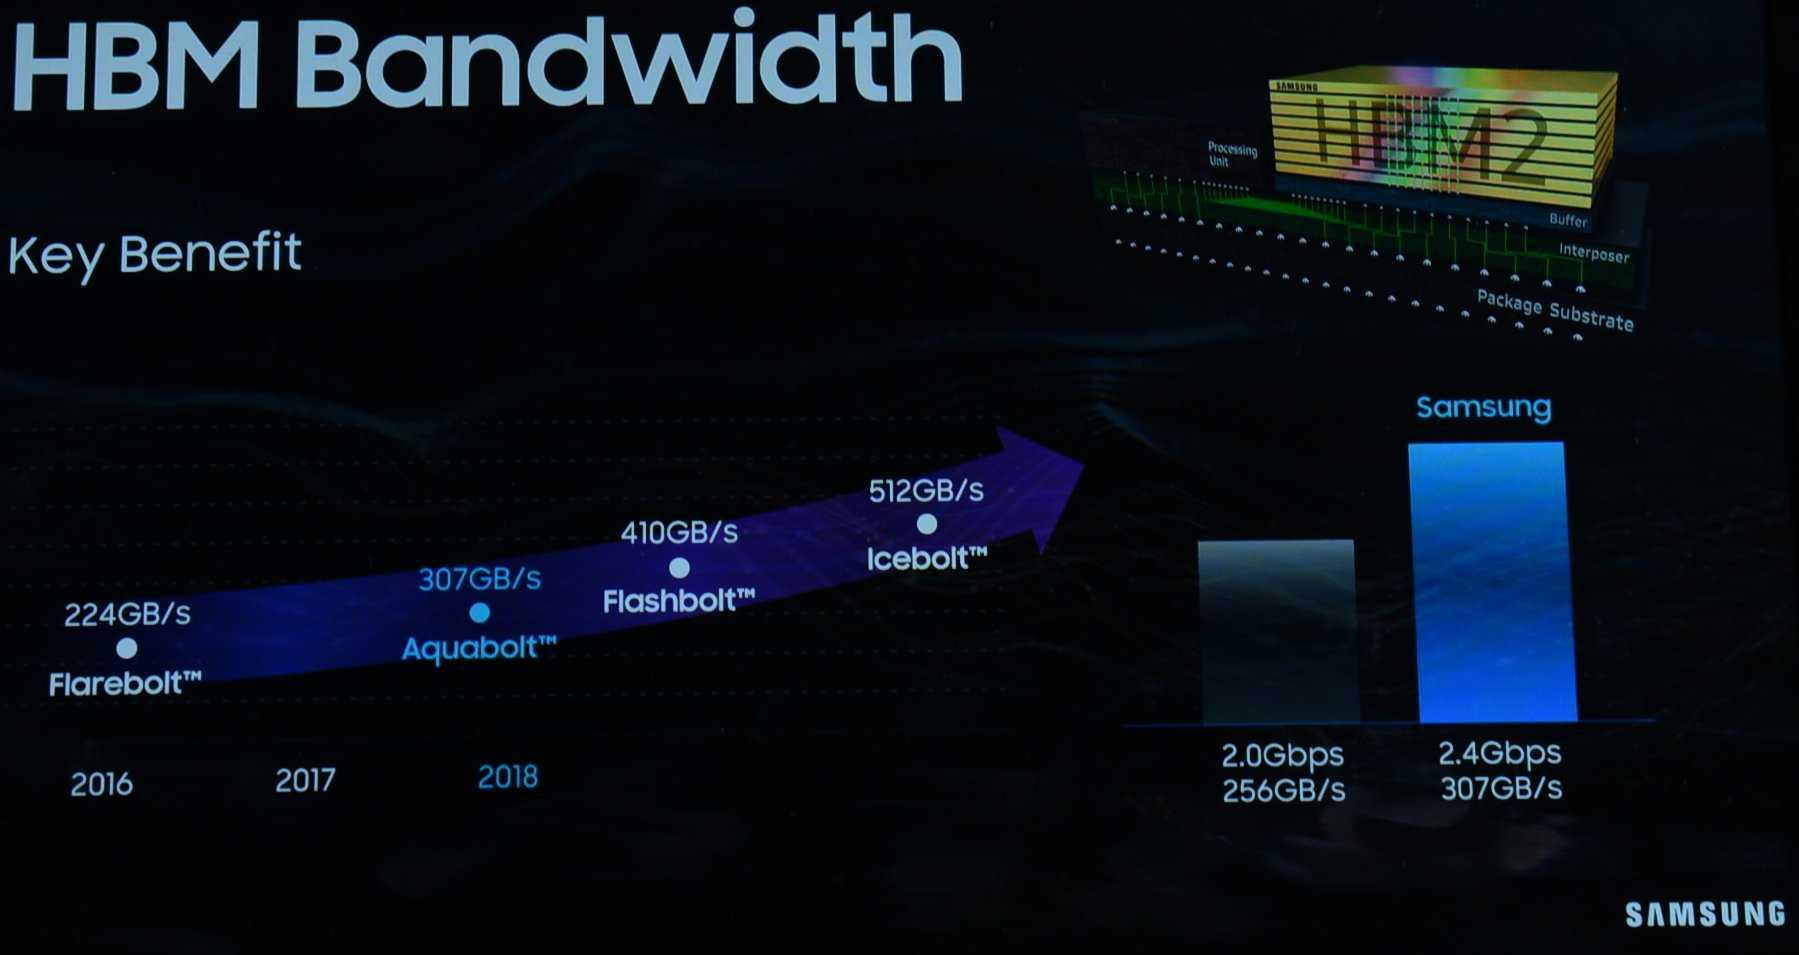 Auf Flashbolt folgt (wohl irgendwann ab 2020) dann Icebolt mit 4 GBit/s